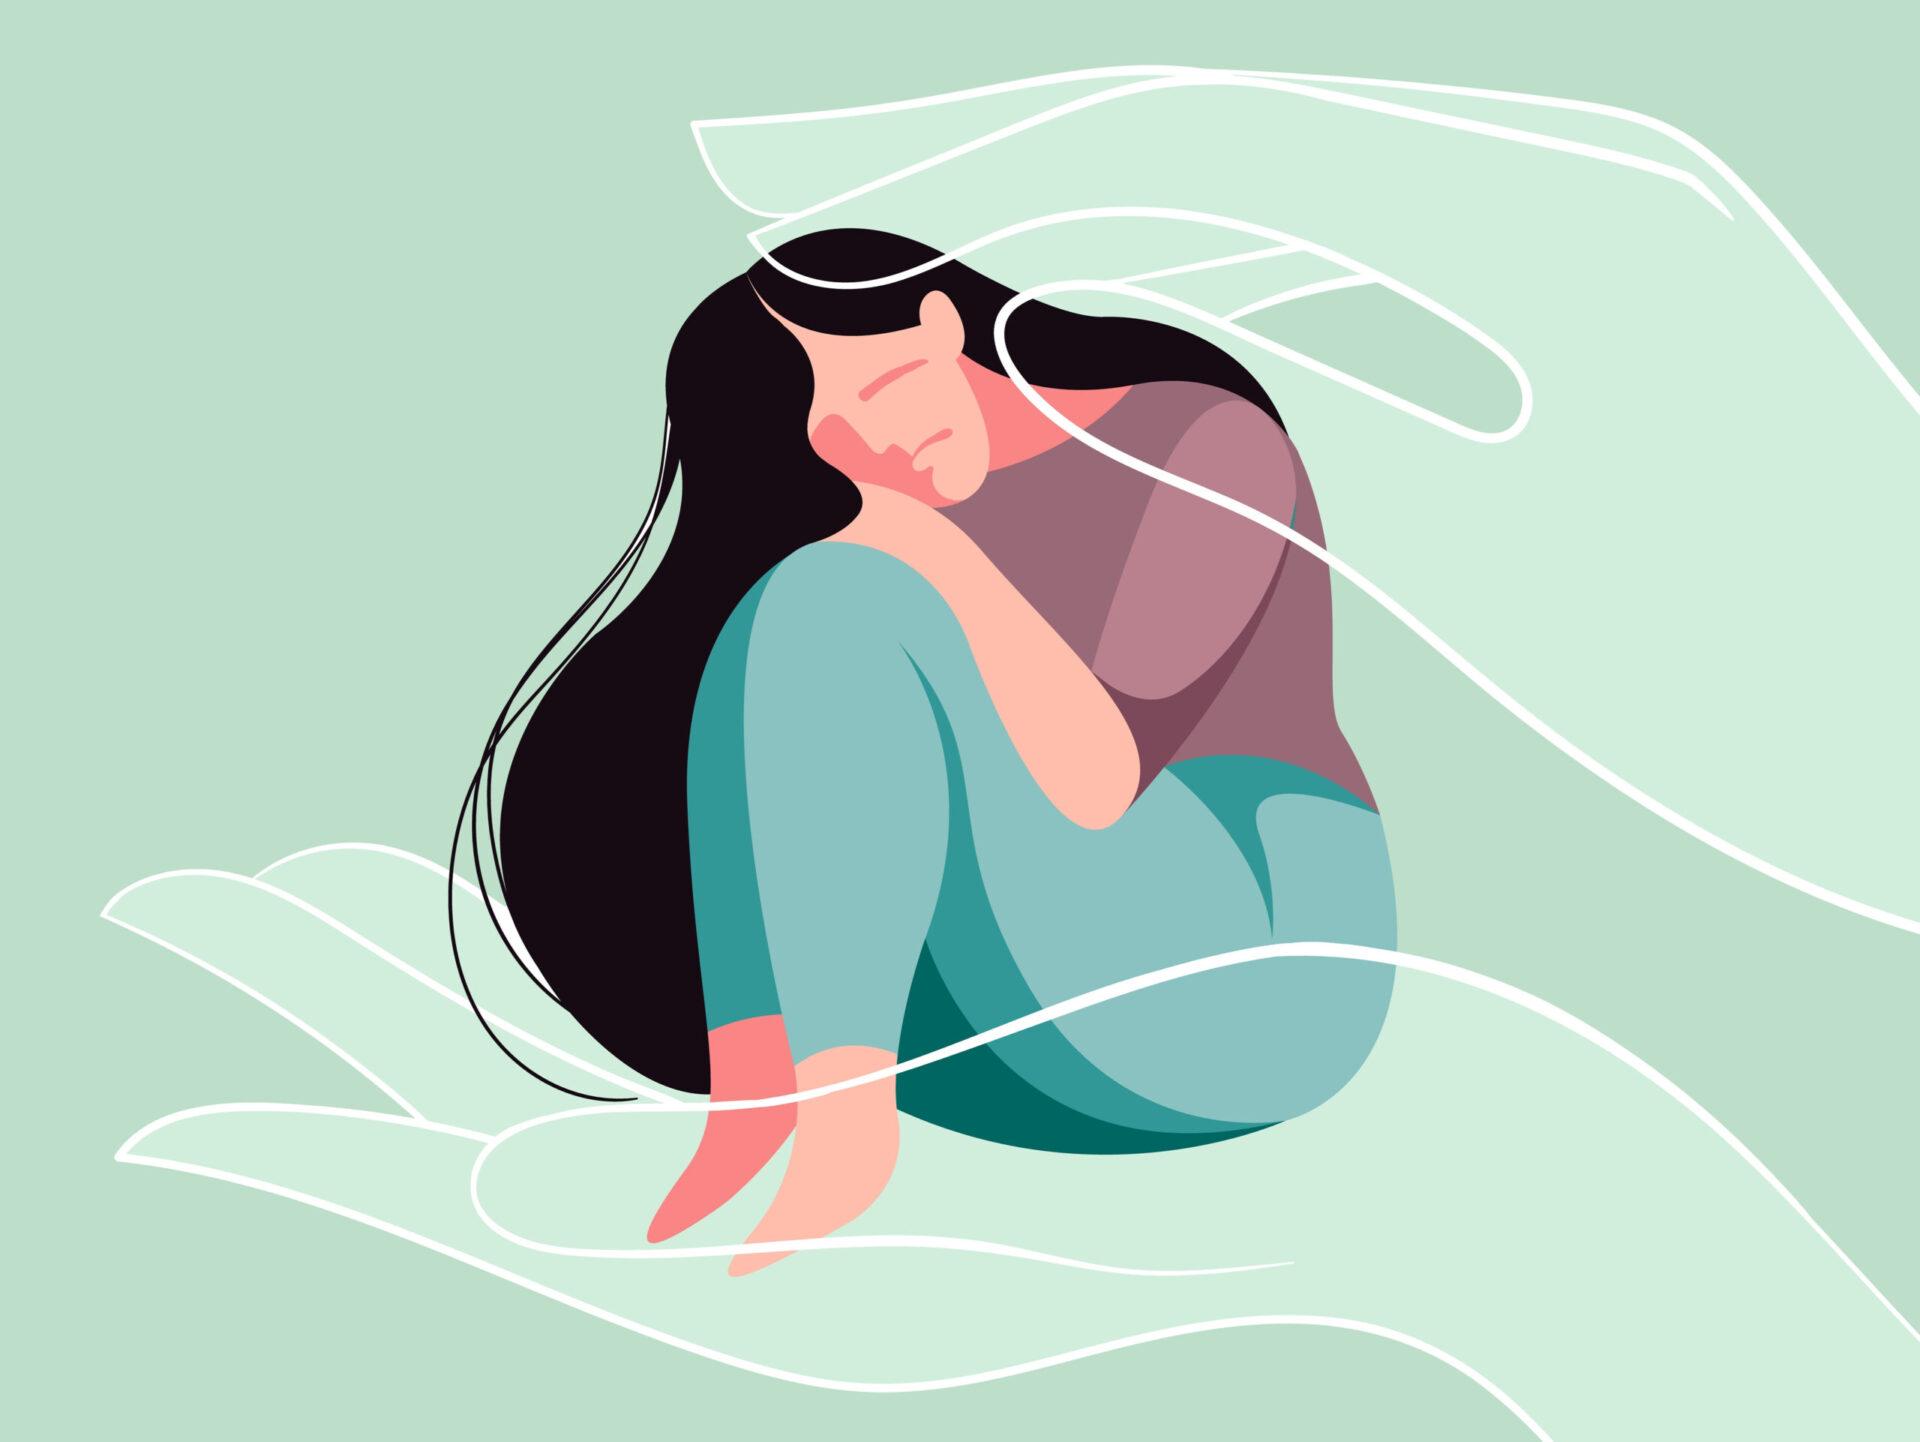 Femeie care suferă din cauza violenței în familie